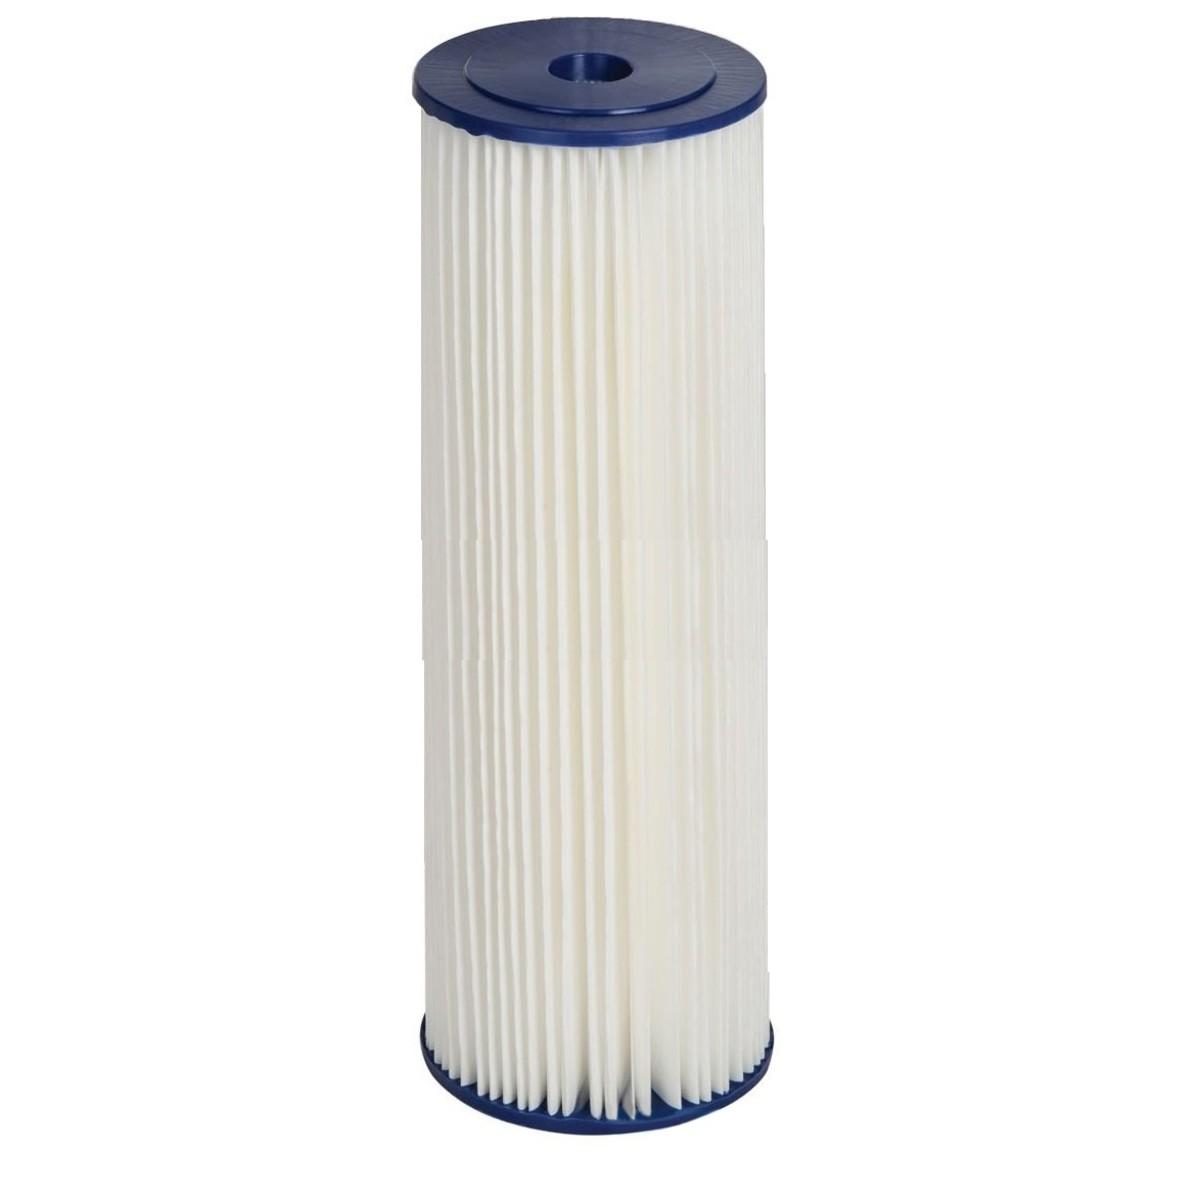 Картридж механической очистки лепестковый Aquafilter FCCEL20M20B 20BB 20 мкм